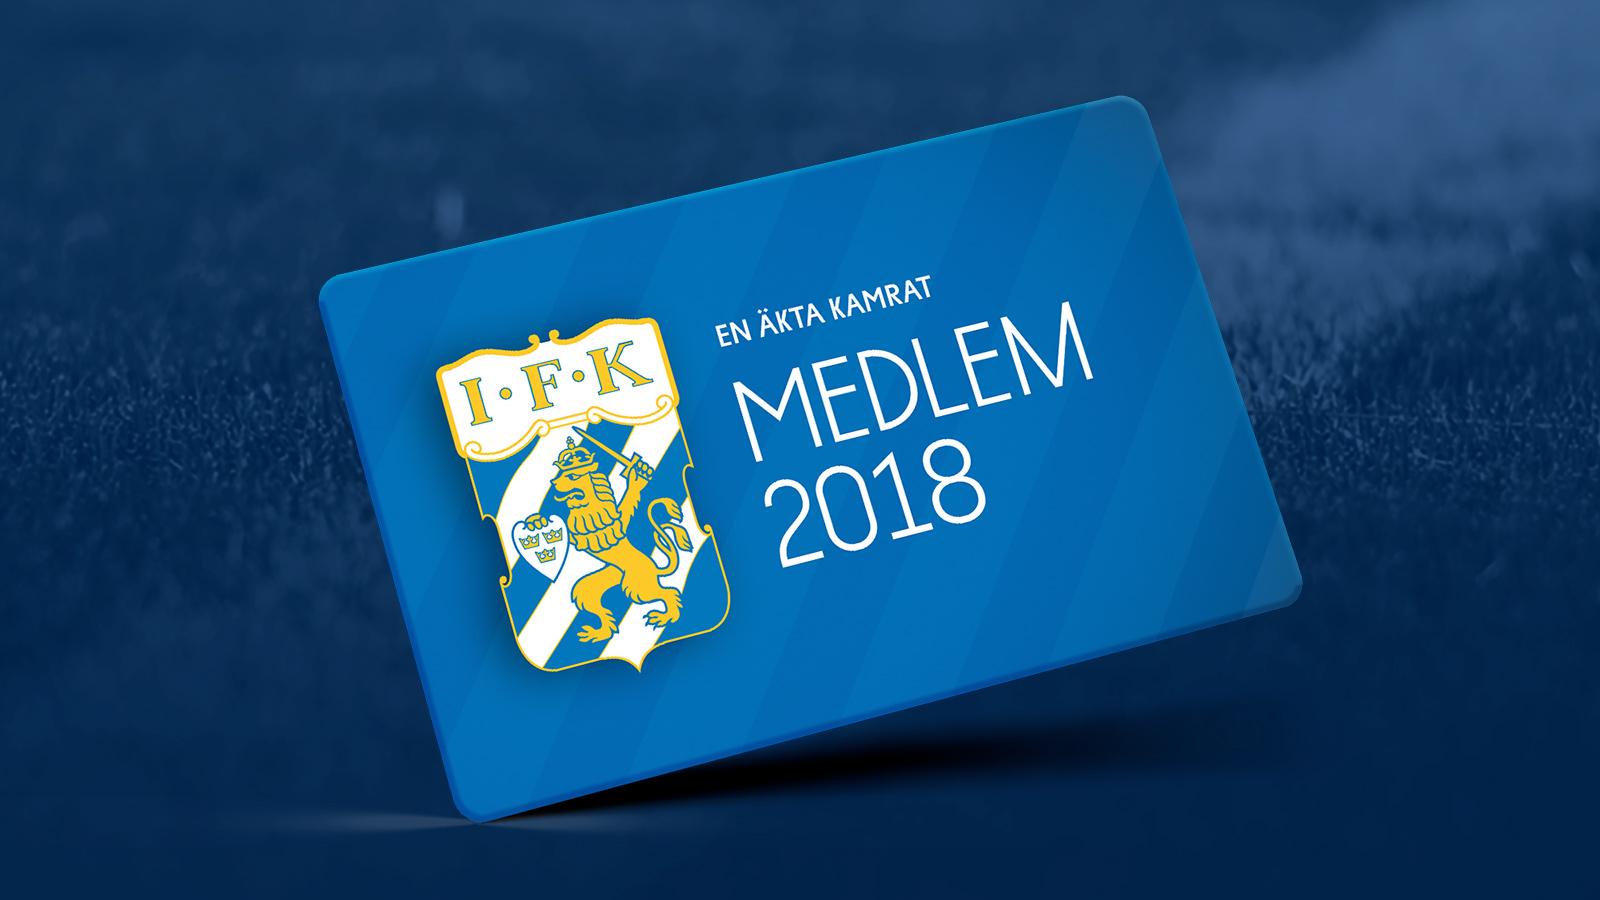 Medlemskort 2018 1600 px